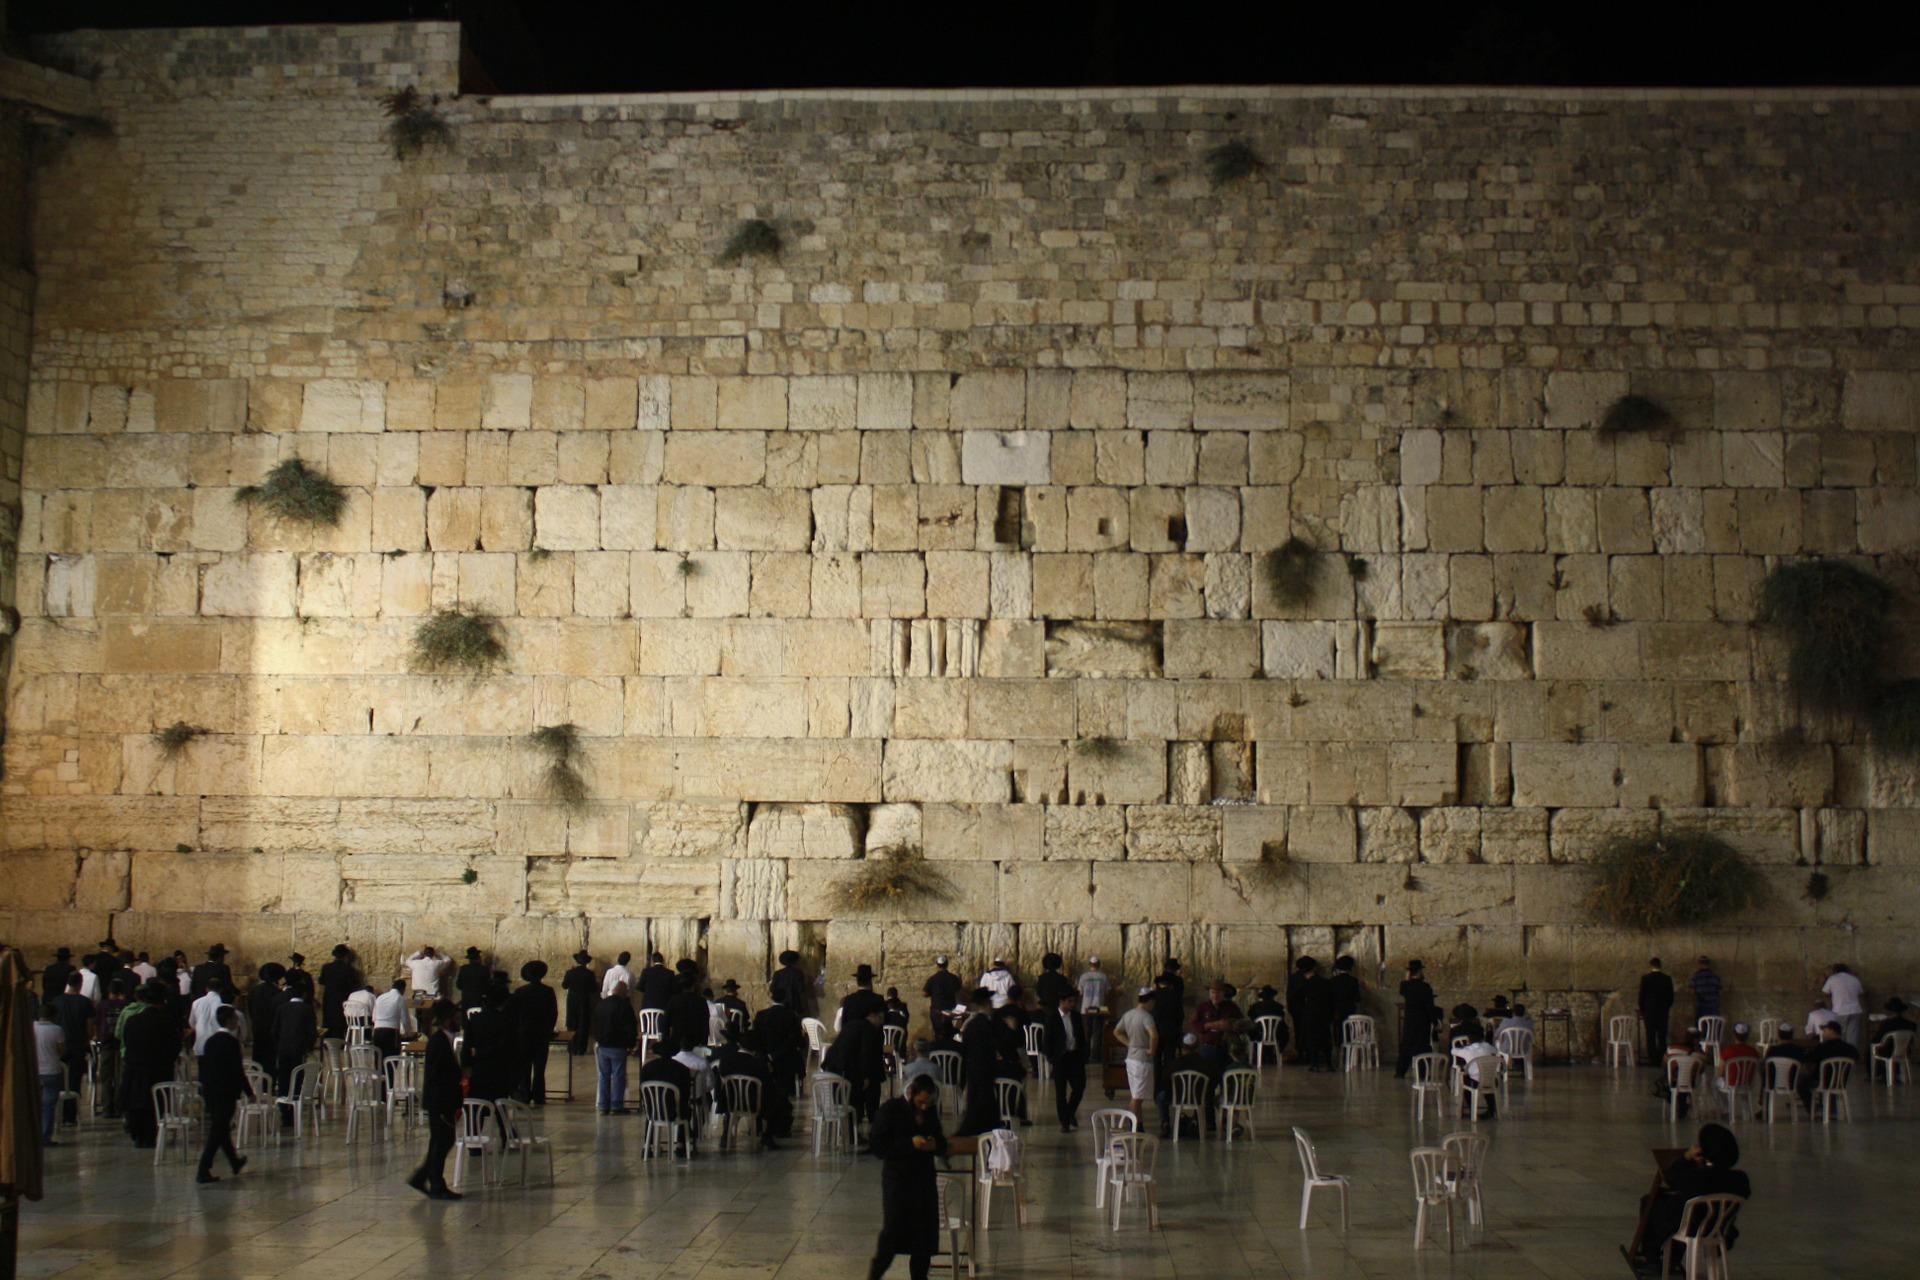 israel-751653_1920.jpg